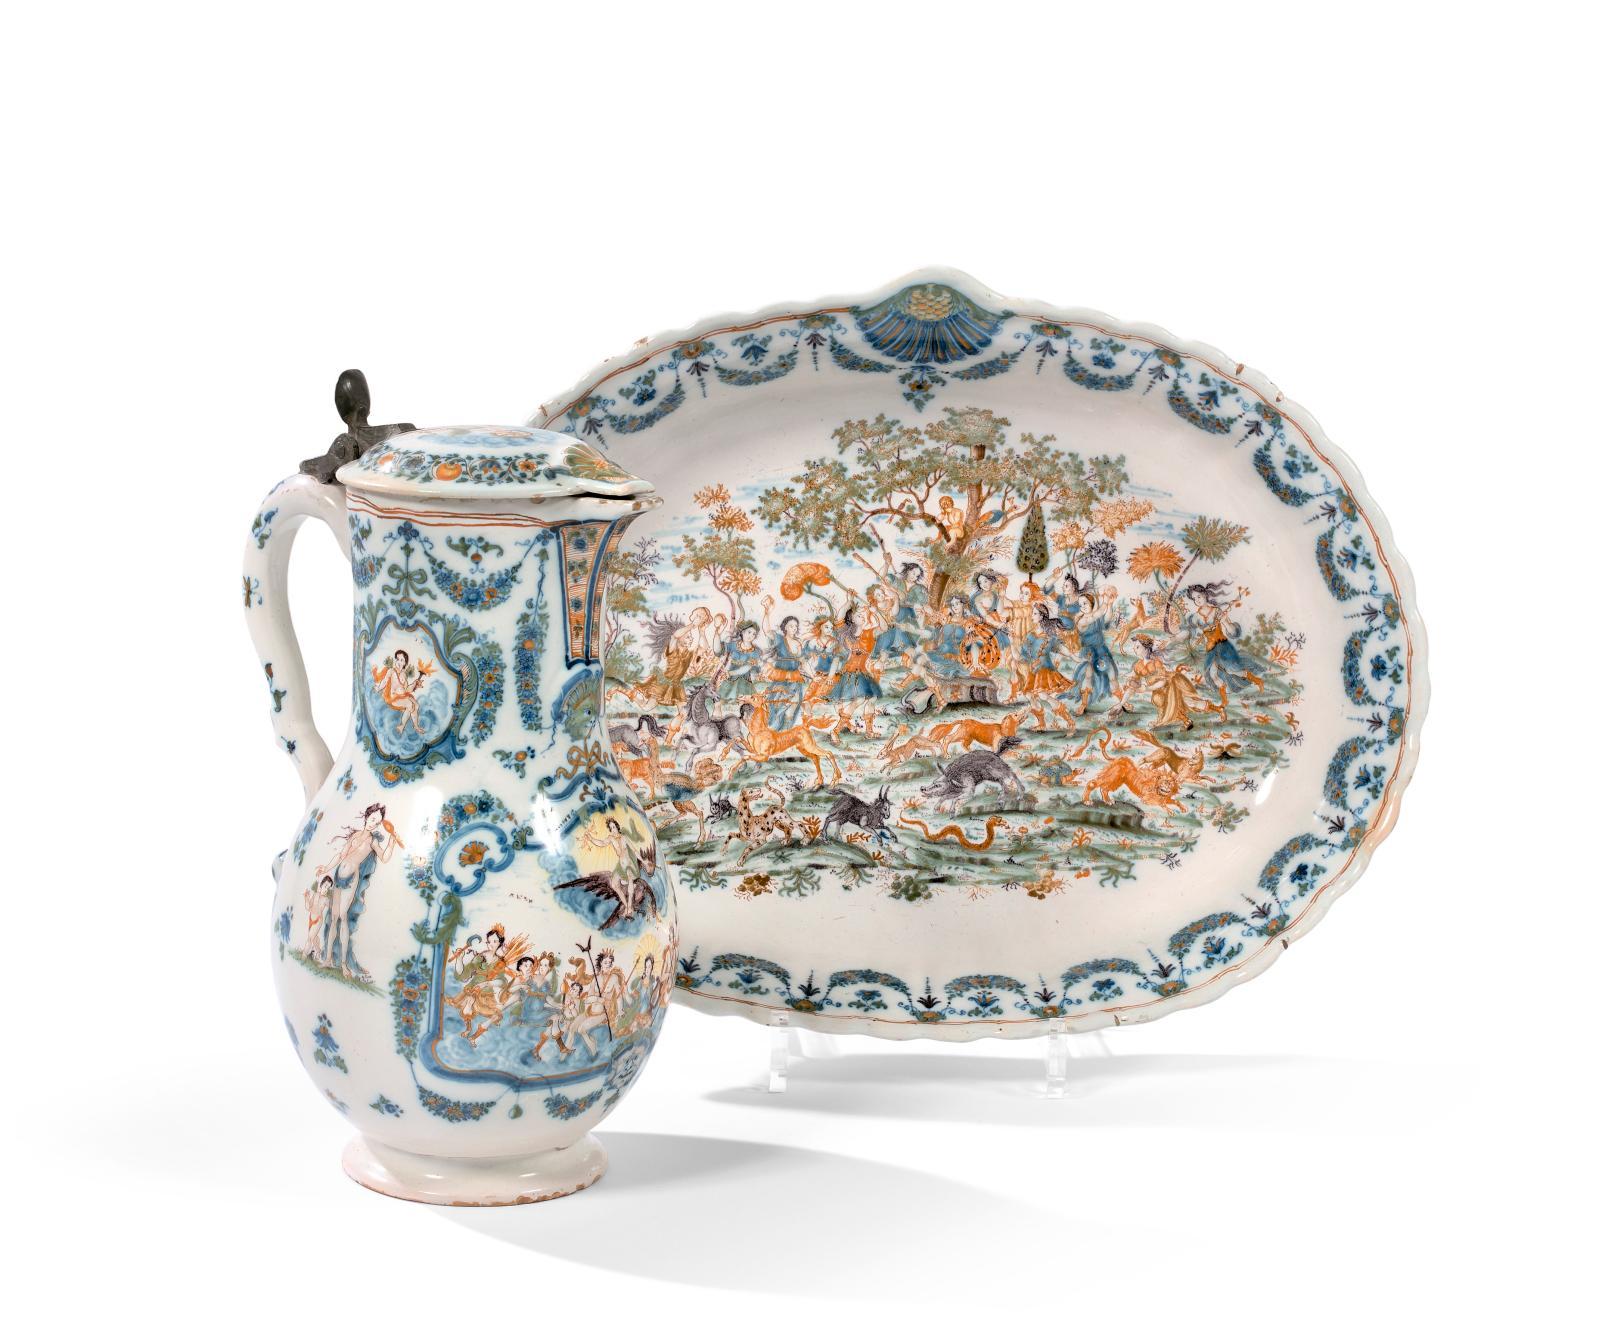 Au XVIIIesiècle, Moustiers, riche de nombreux ateliers, produit une céramique de grande qualité rivalisant avec sa concurrente du Sud, Ma